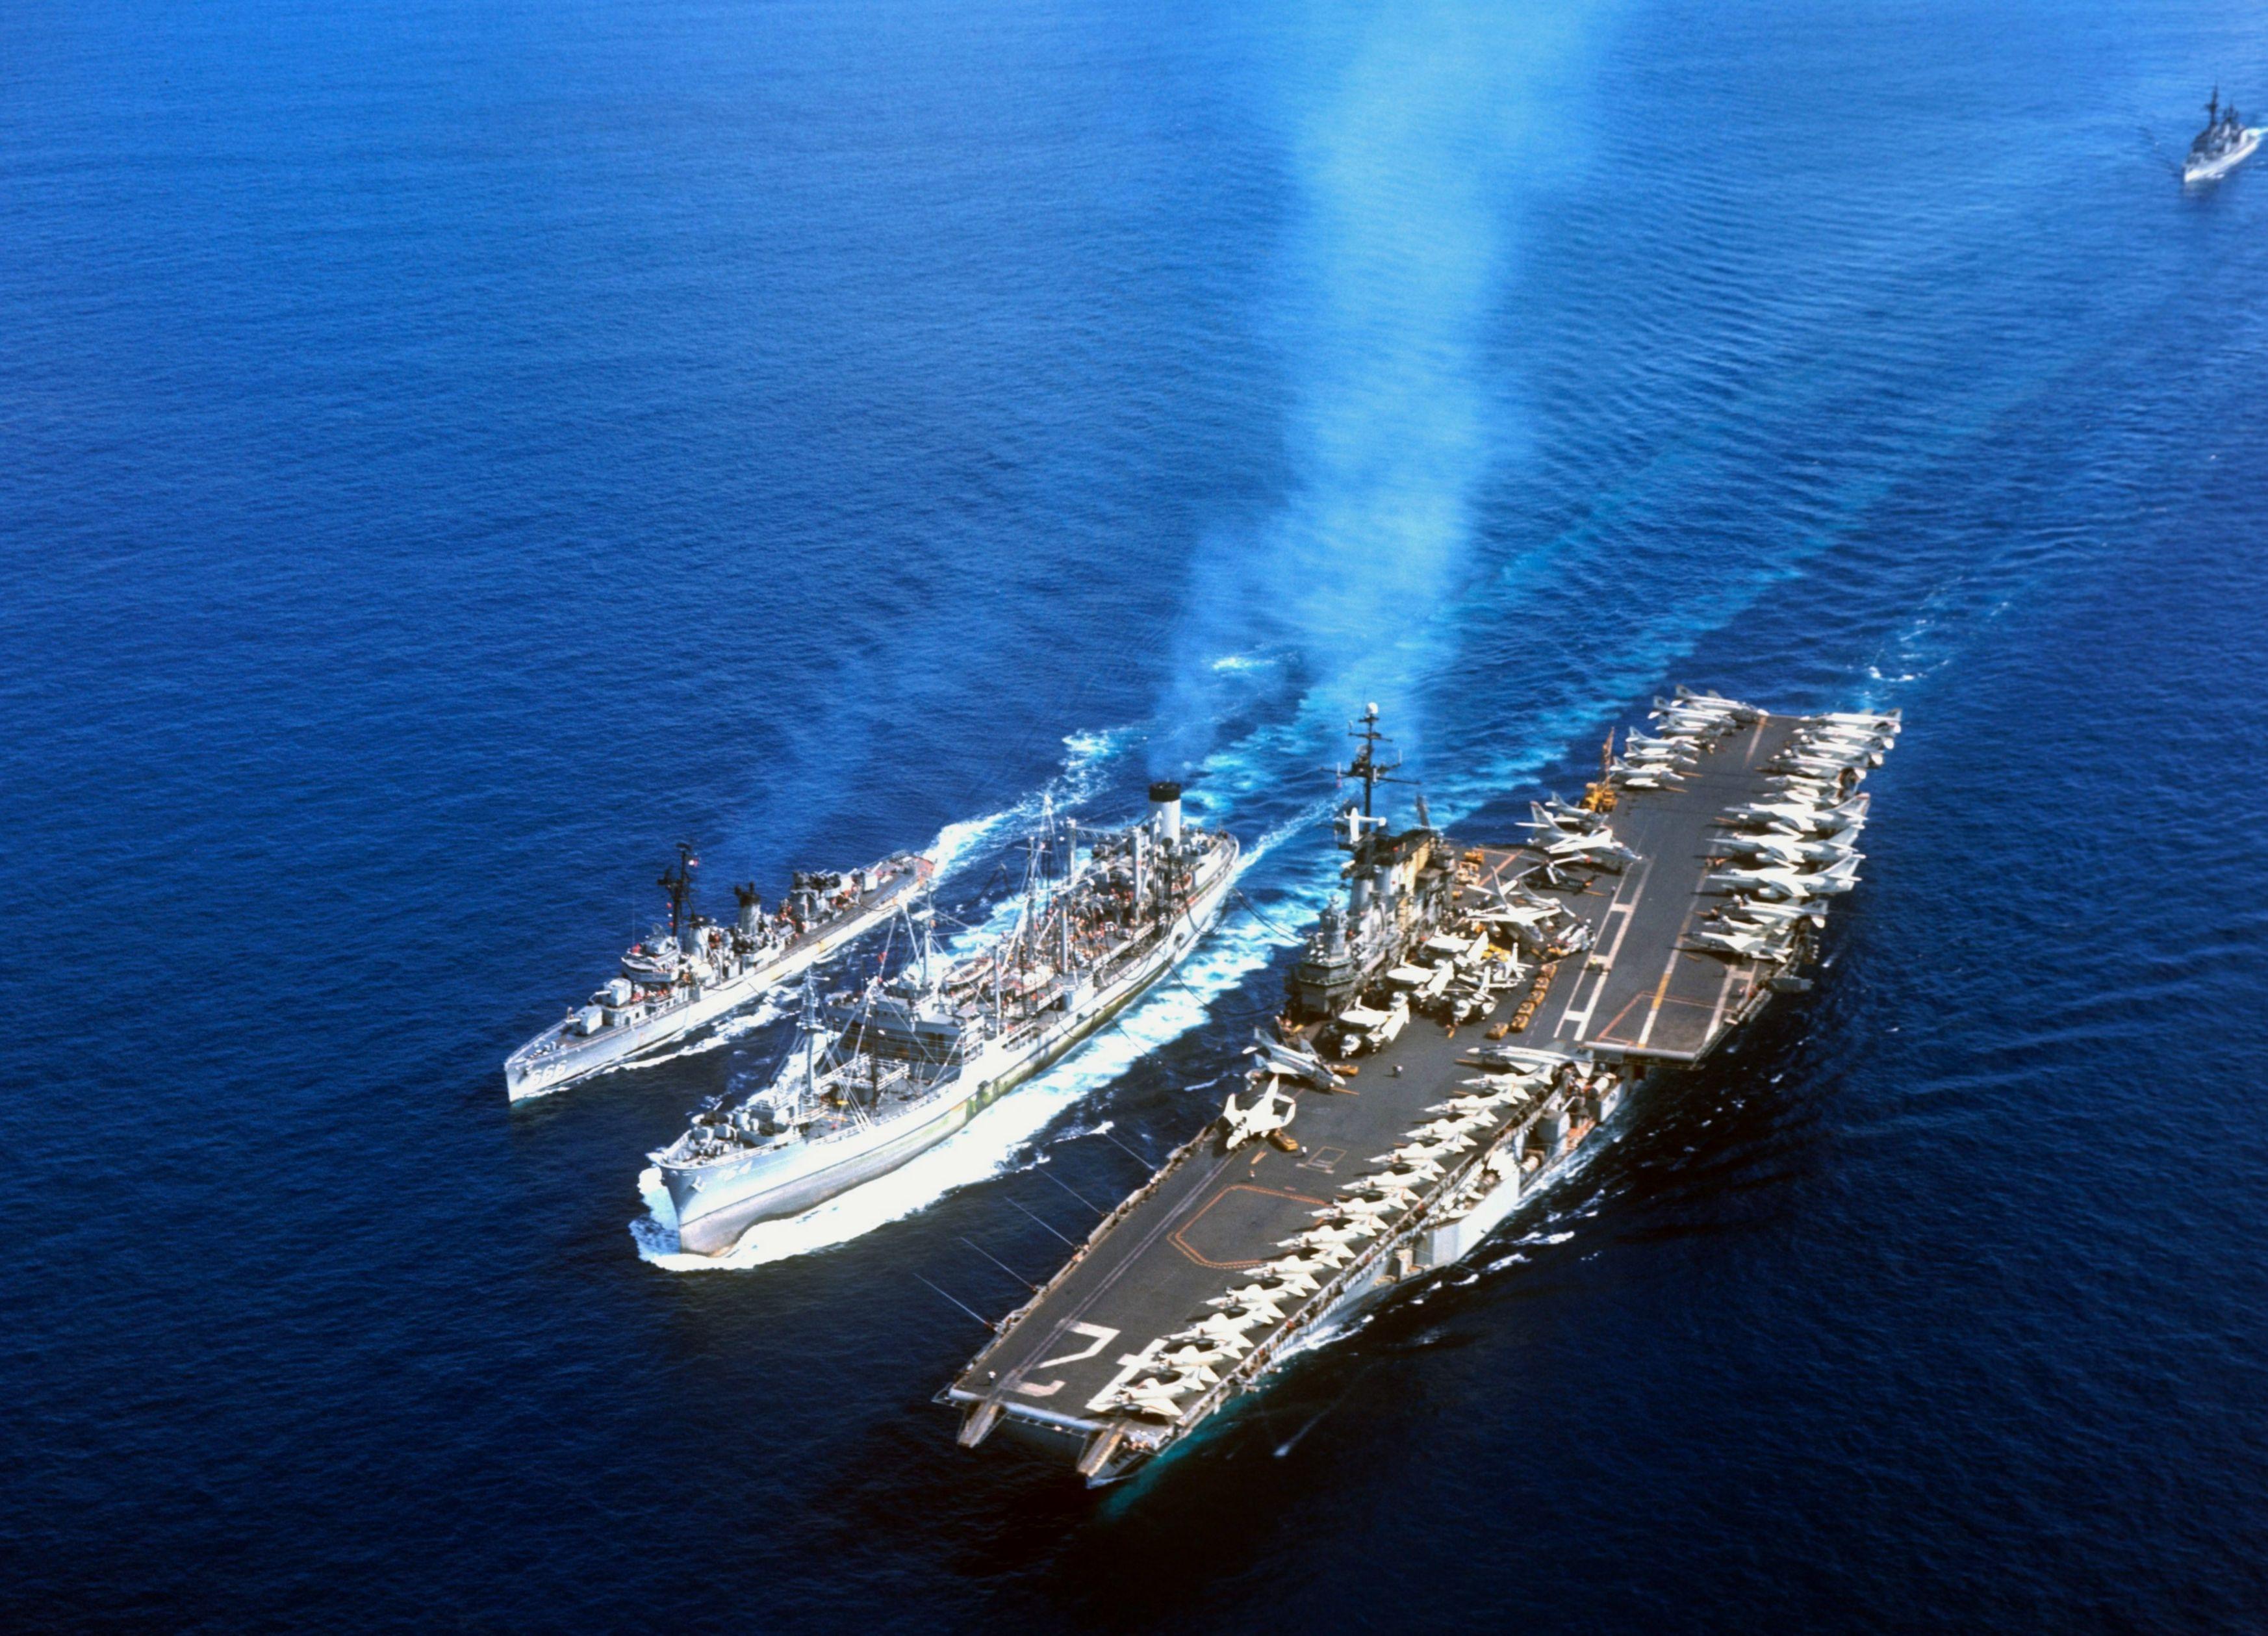 USS Franklin D. Roosevelt (CVA-42) - Midway class Aircraft Carrier w USS Tolovana (AO-64) - Cimarron class Fleet Oiler and USS Black (DD-666) - Fletcher class Destroyer (USA)